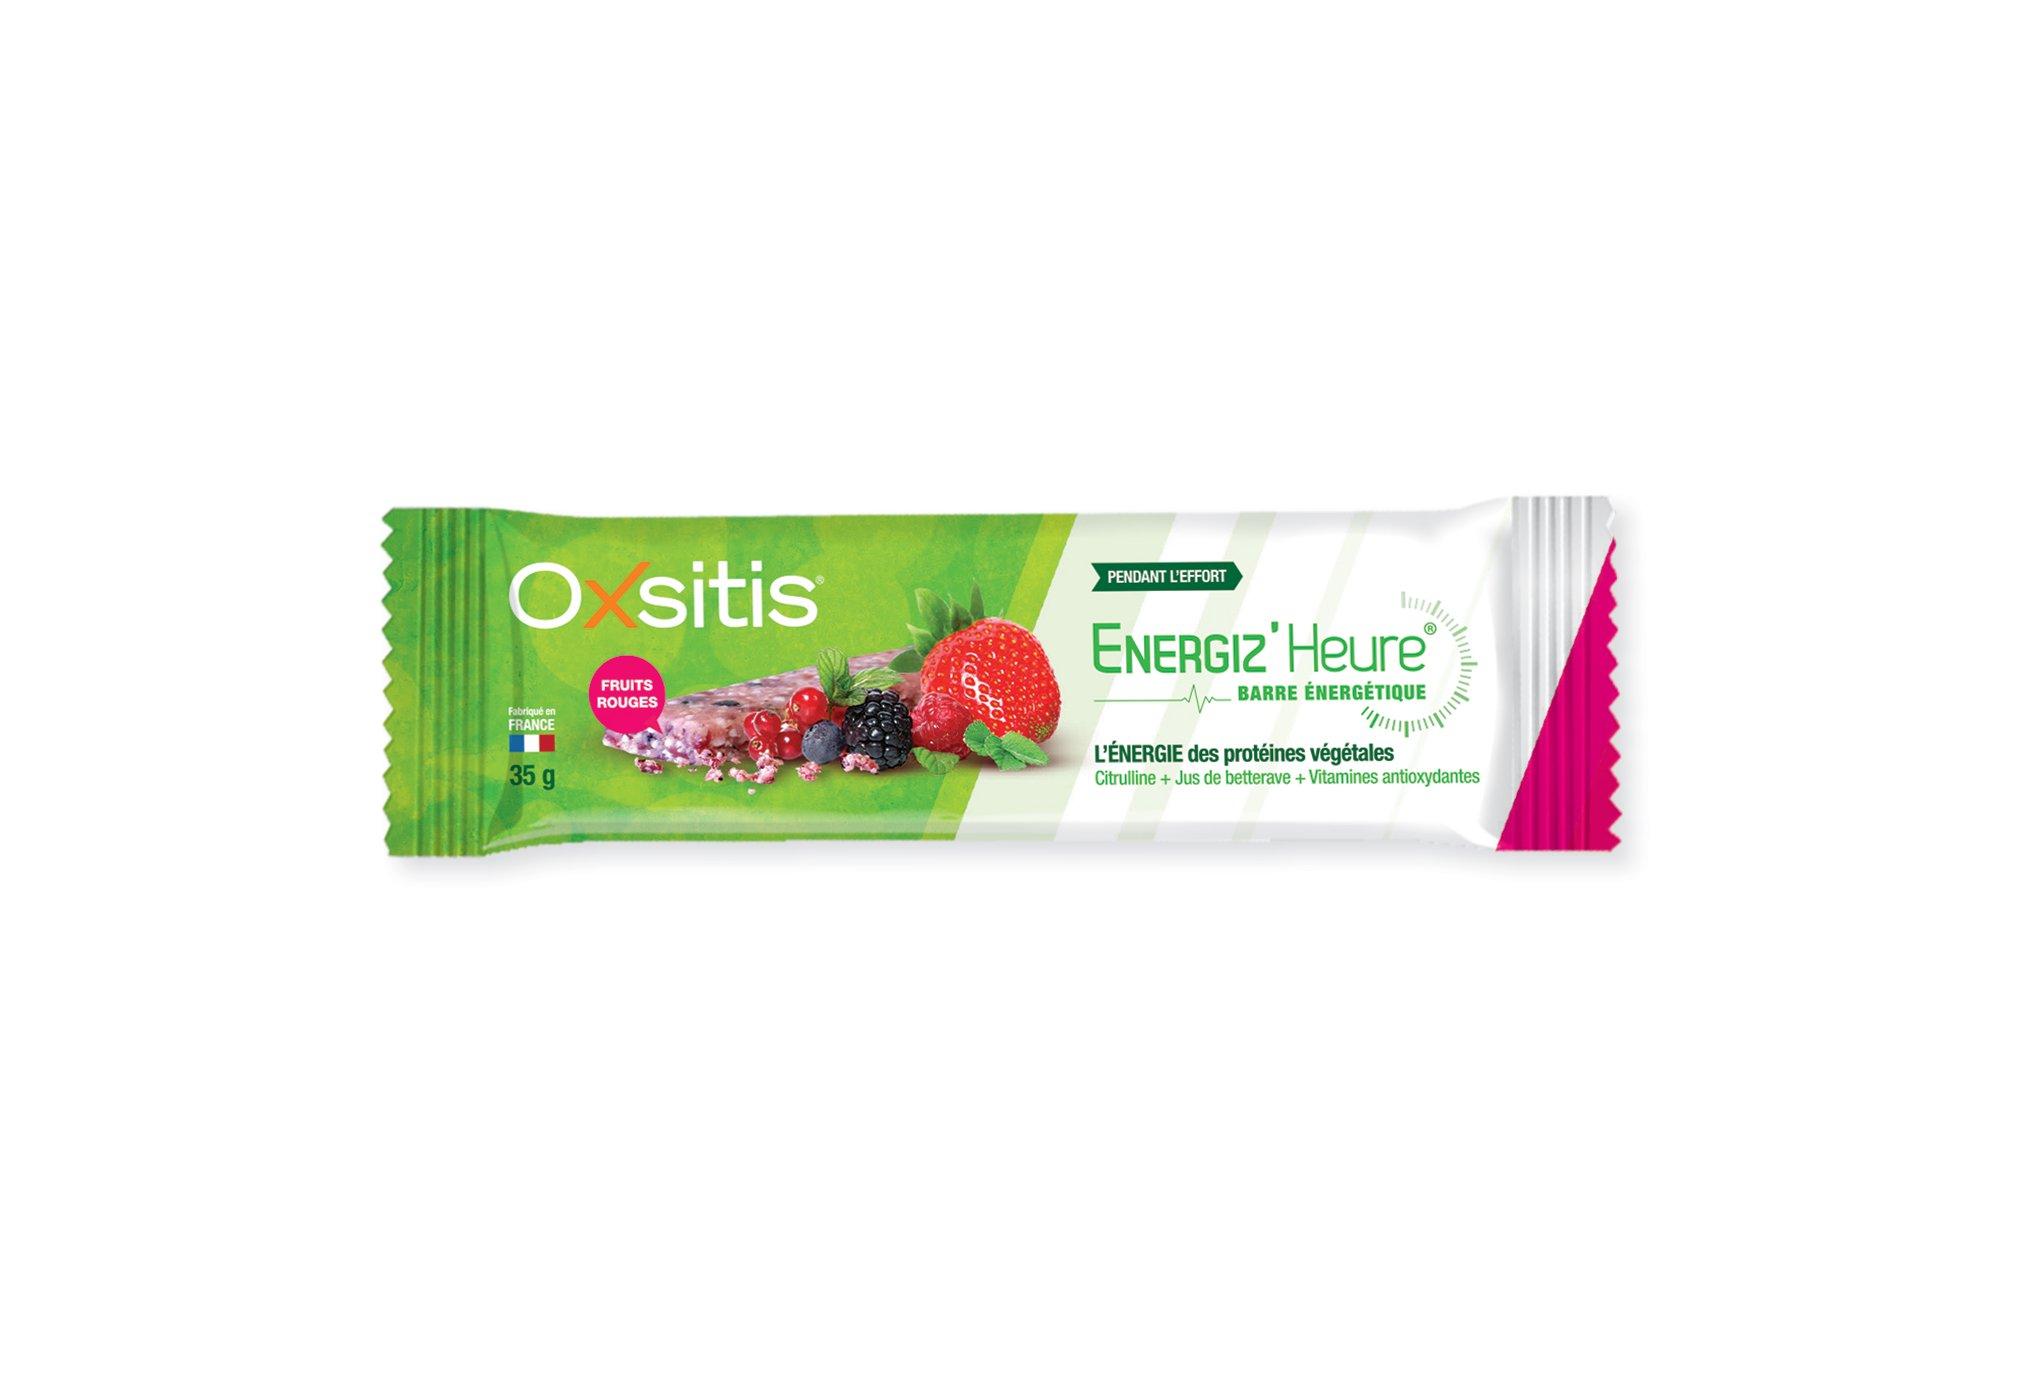 Oxsitis Barre Energétique Energiz'Heure - Fruits Rouges Diététique Barres